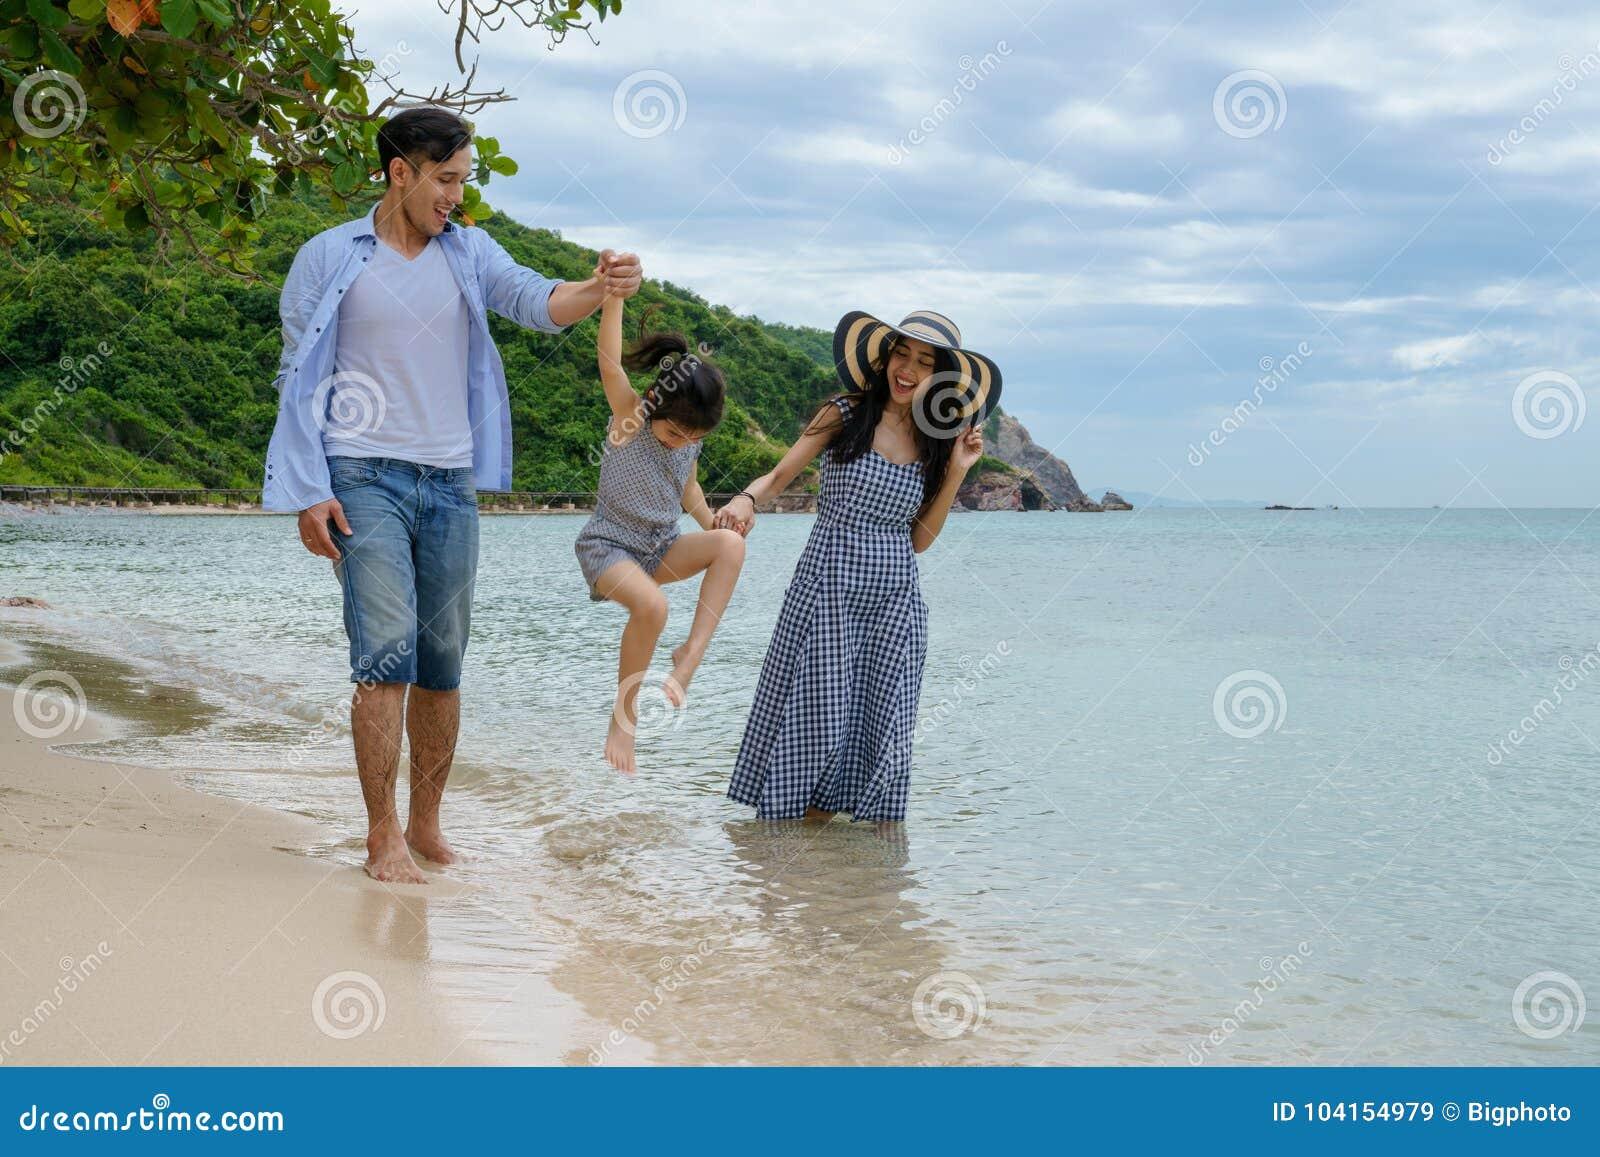 Ευτυχές οικογενειακό παιχνίδι στην παραλία στο χρόνο ημέρας